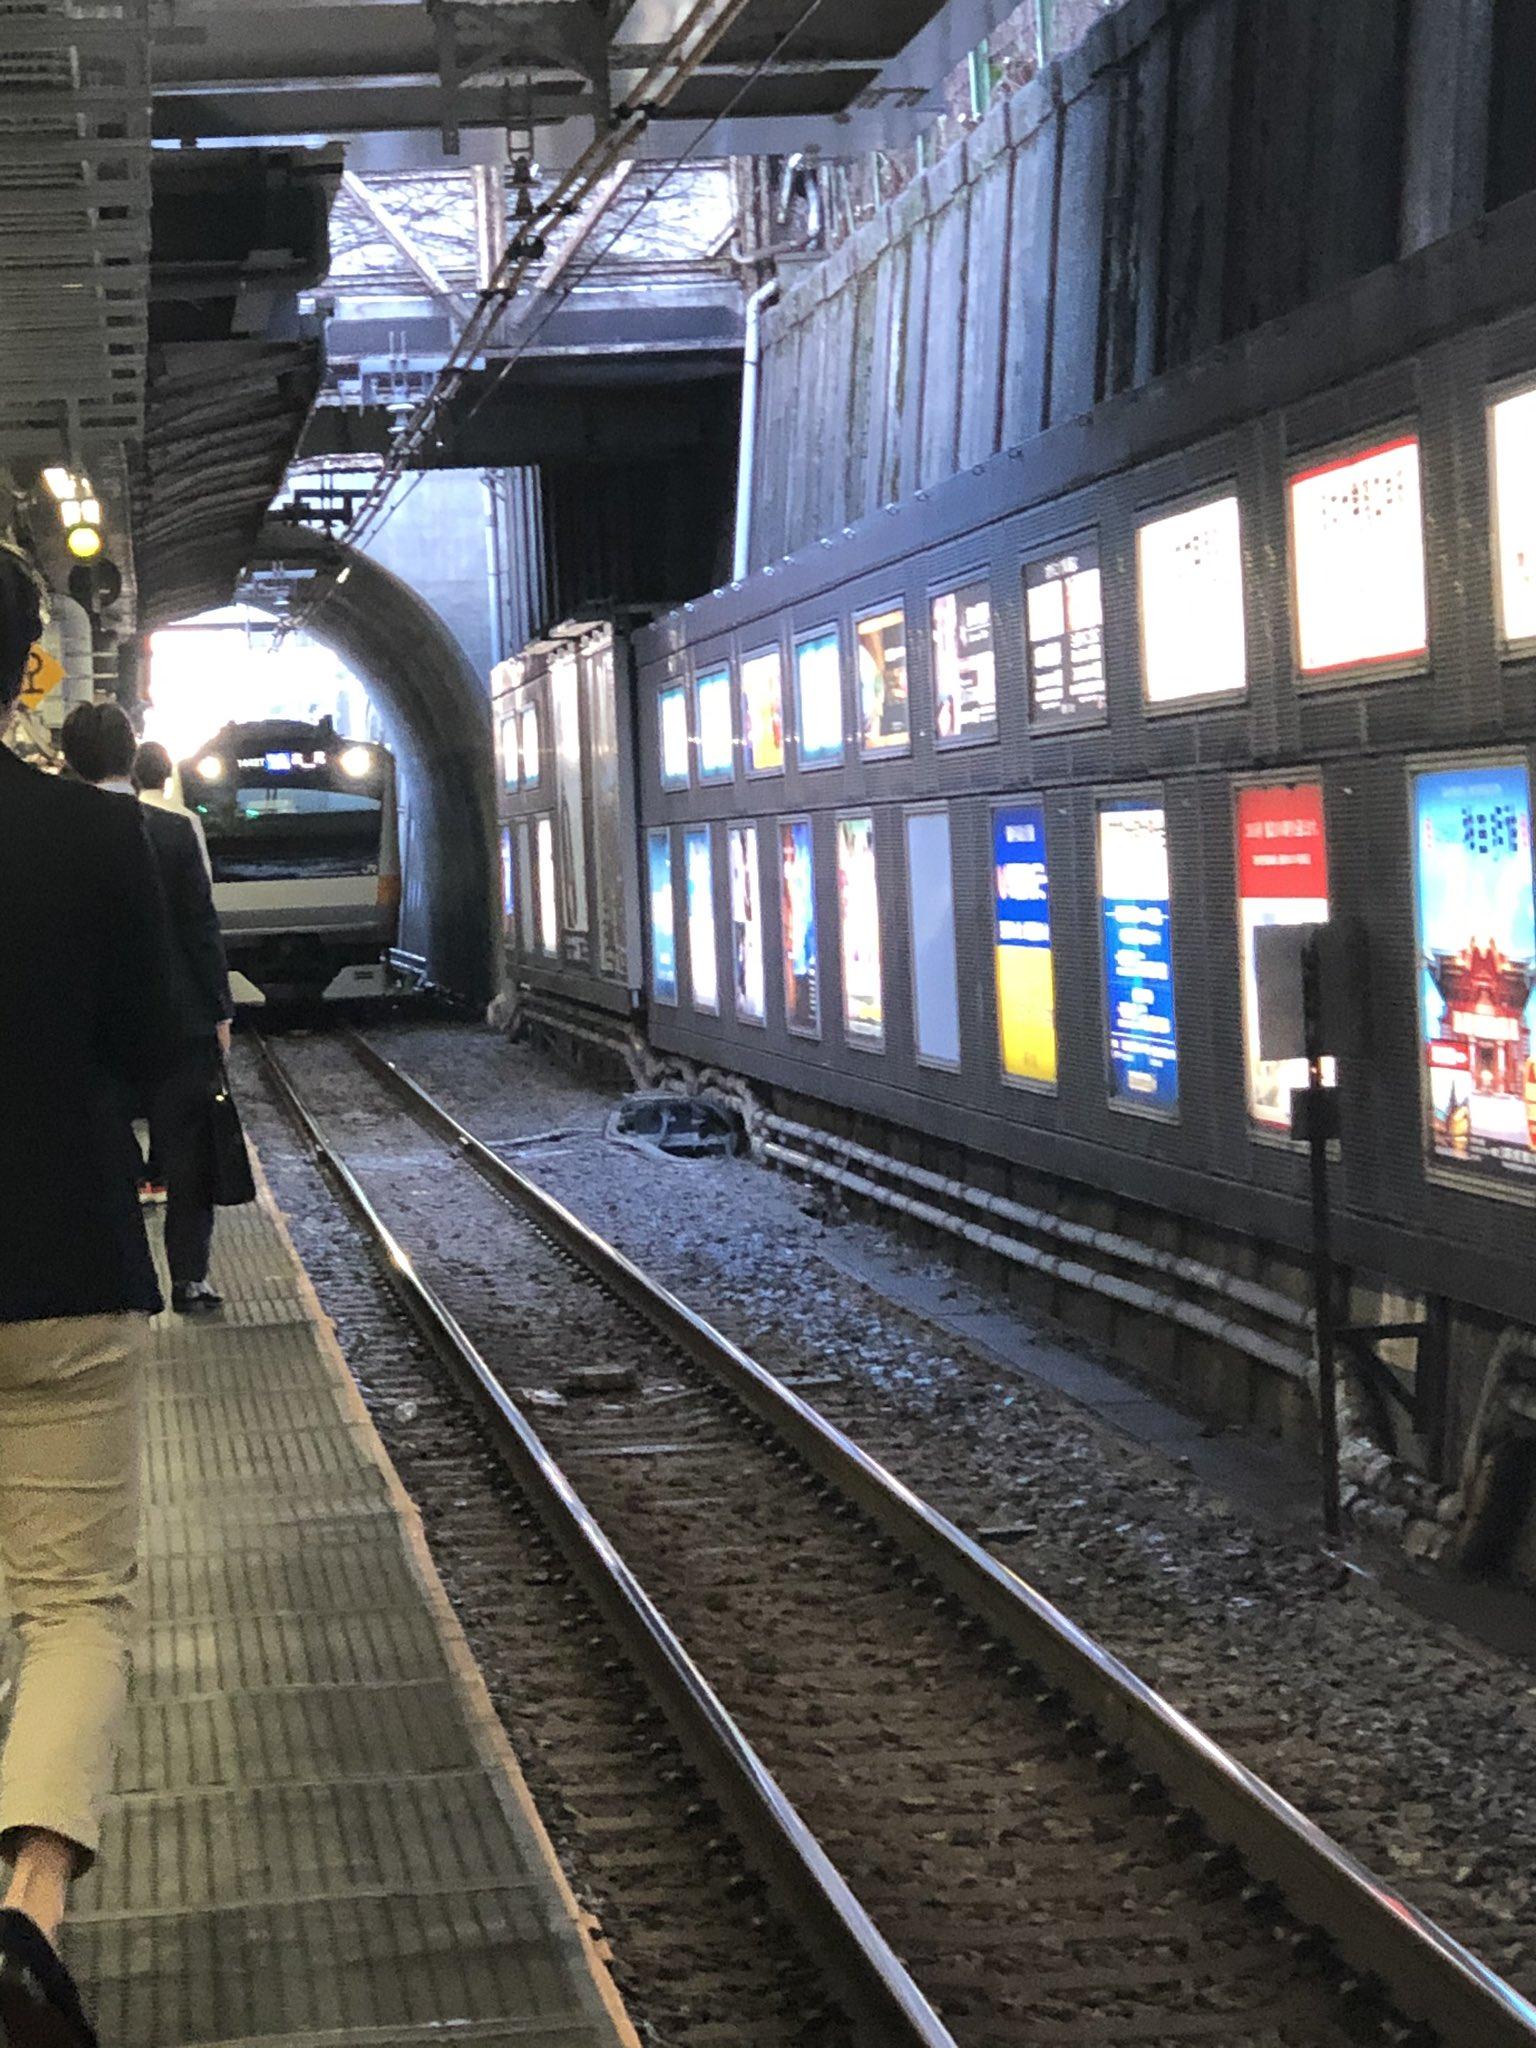 中央線の御茶ノ水駅で人身事故が起きた現場画像